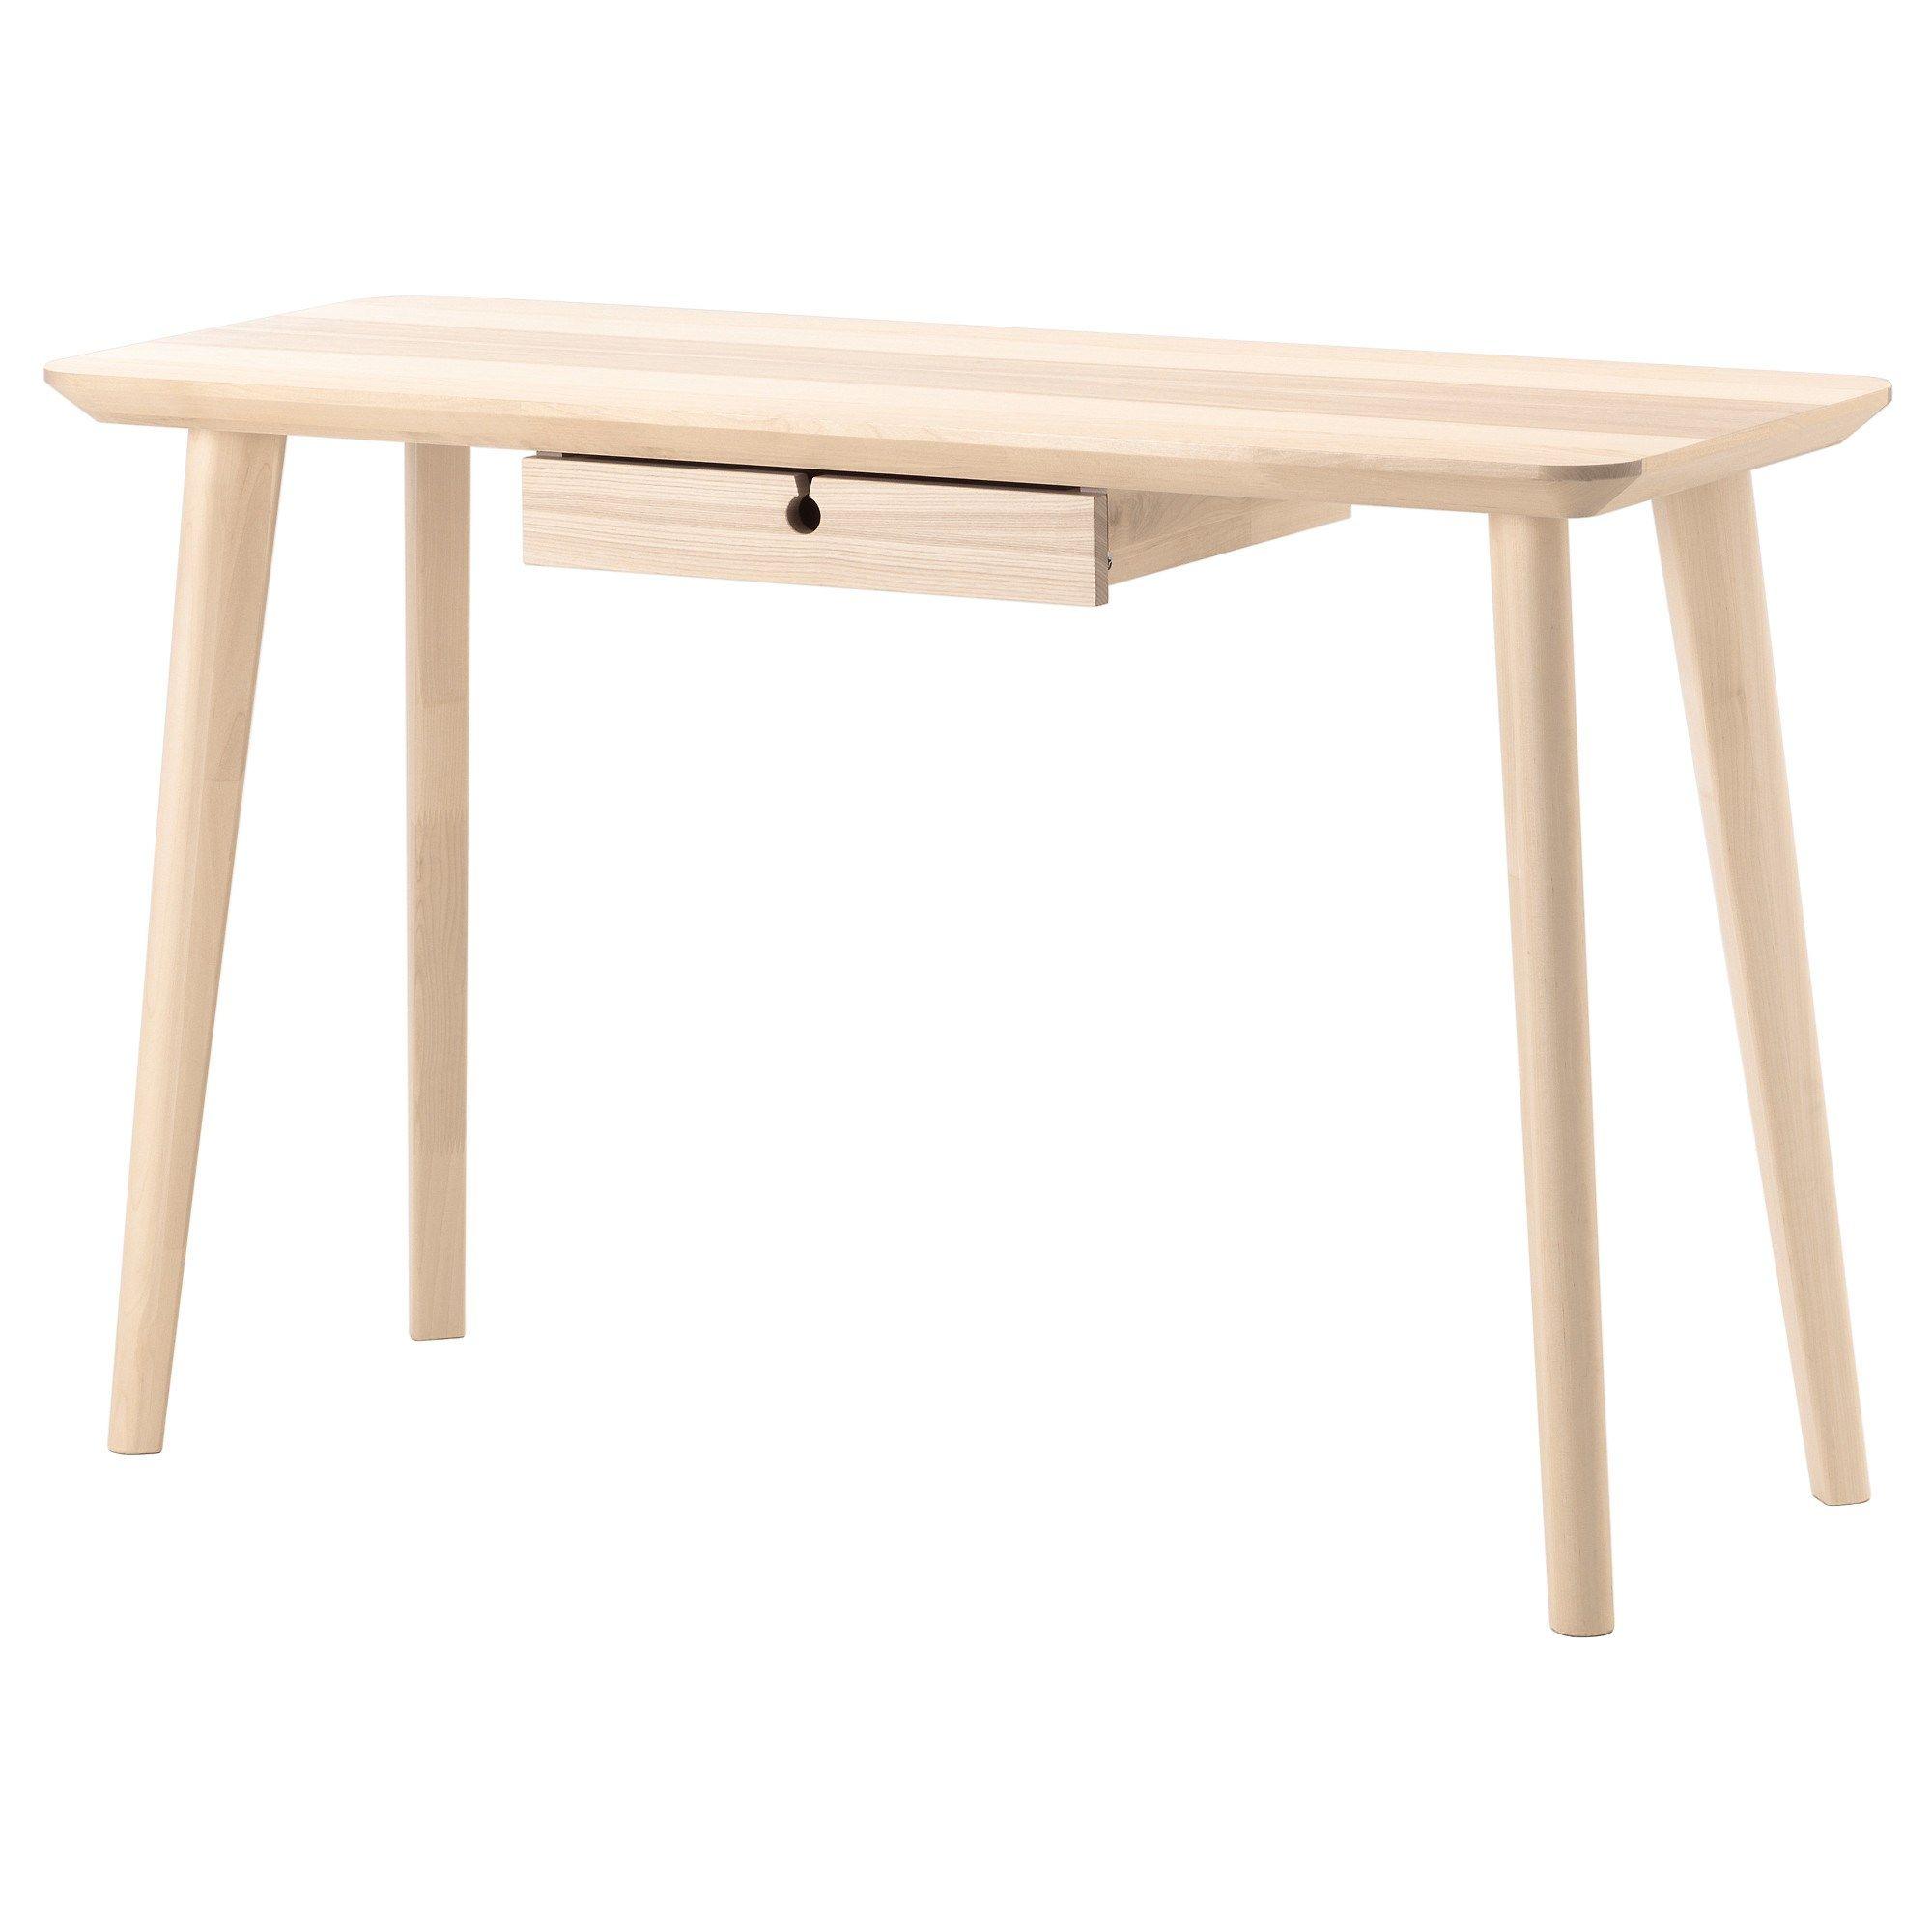 LISABO çalışma masası dişbudak kaplama 118x45 cm   IKEA Çalışma ...